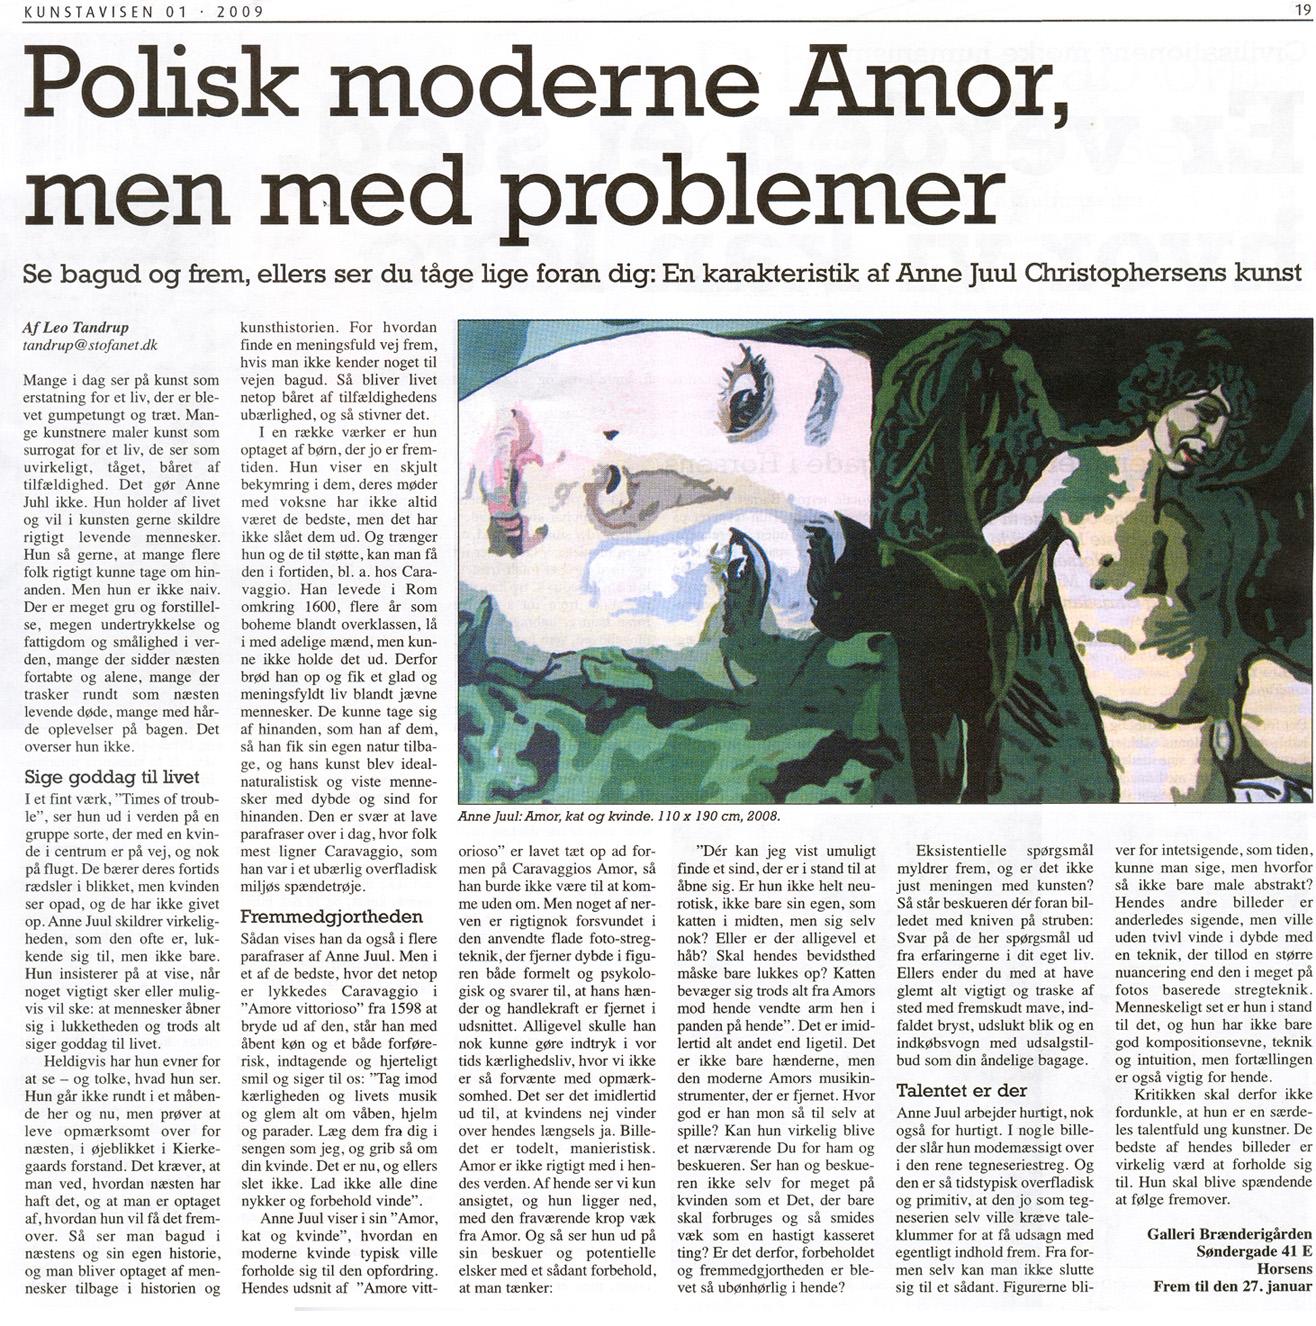 Polisk moderne Amor, men med problemer